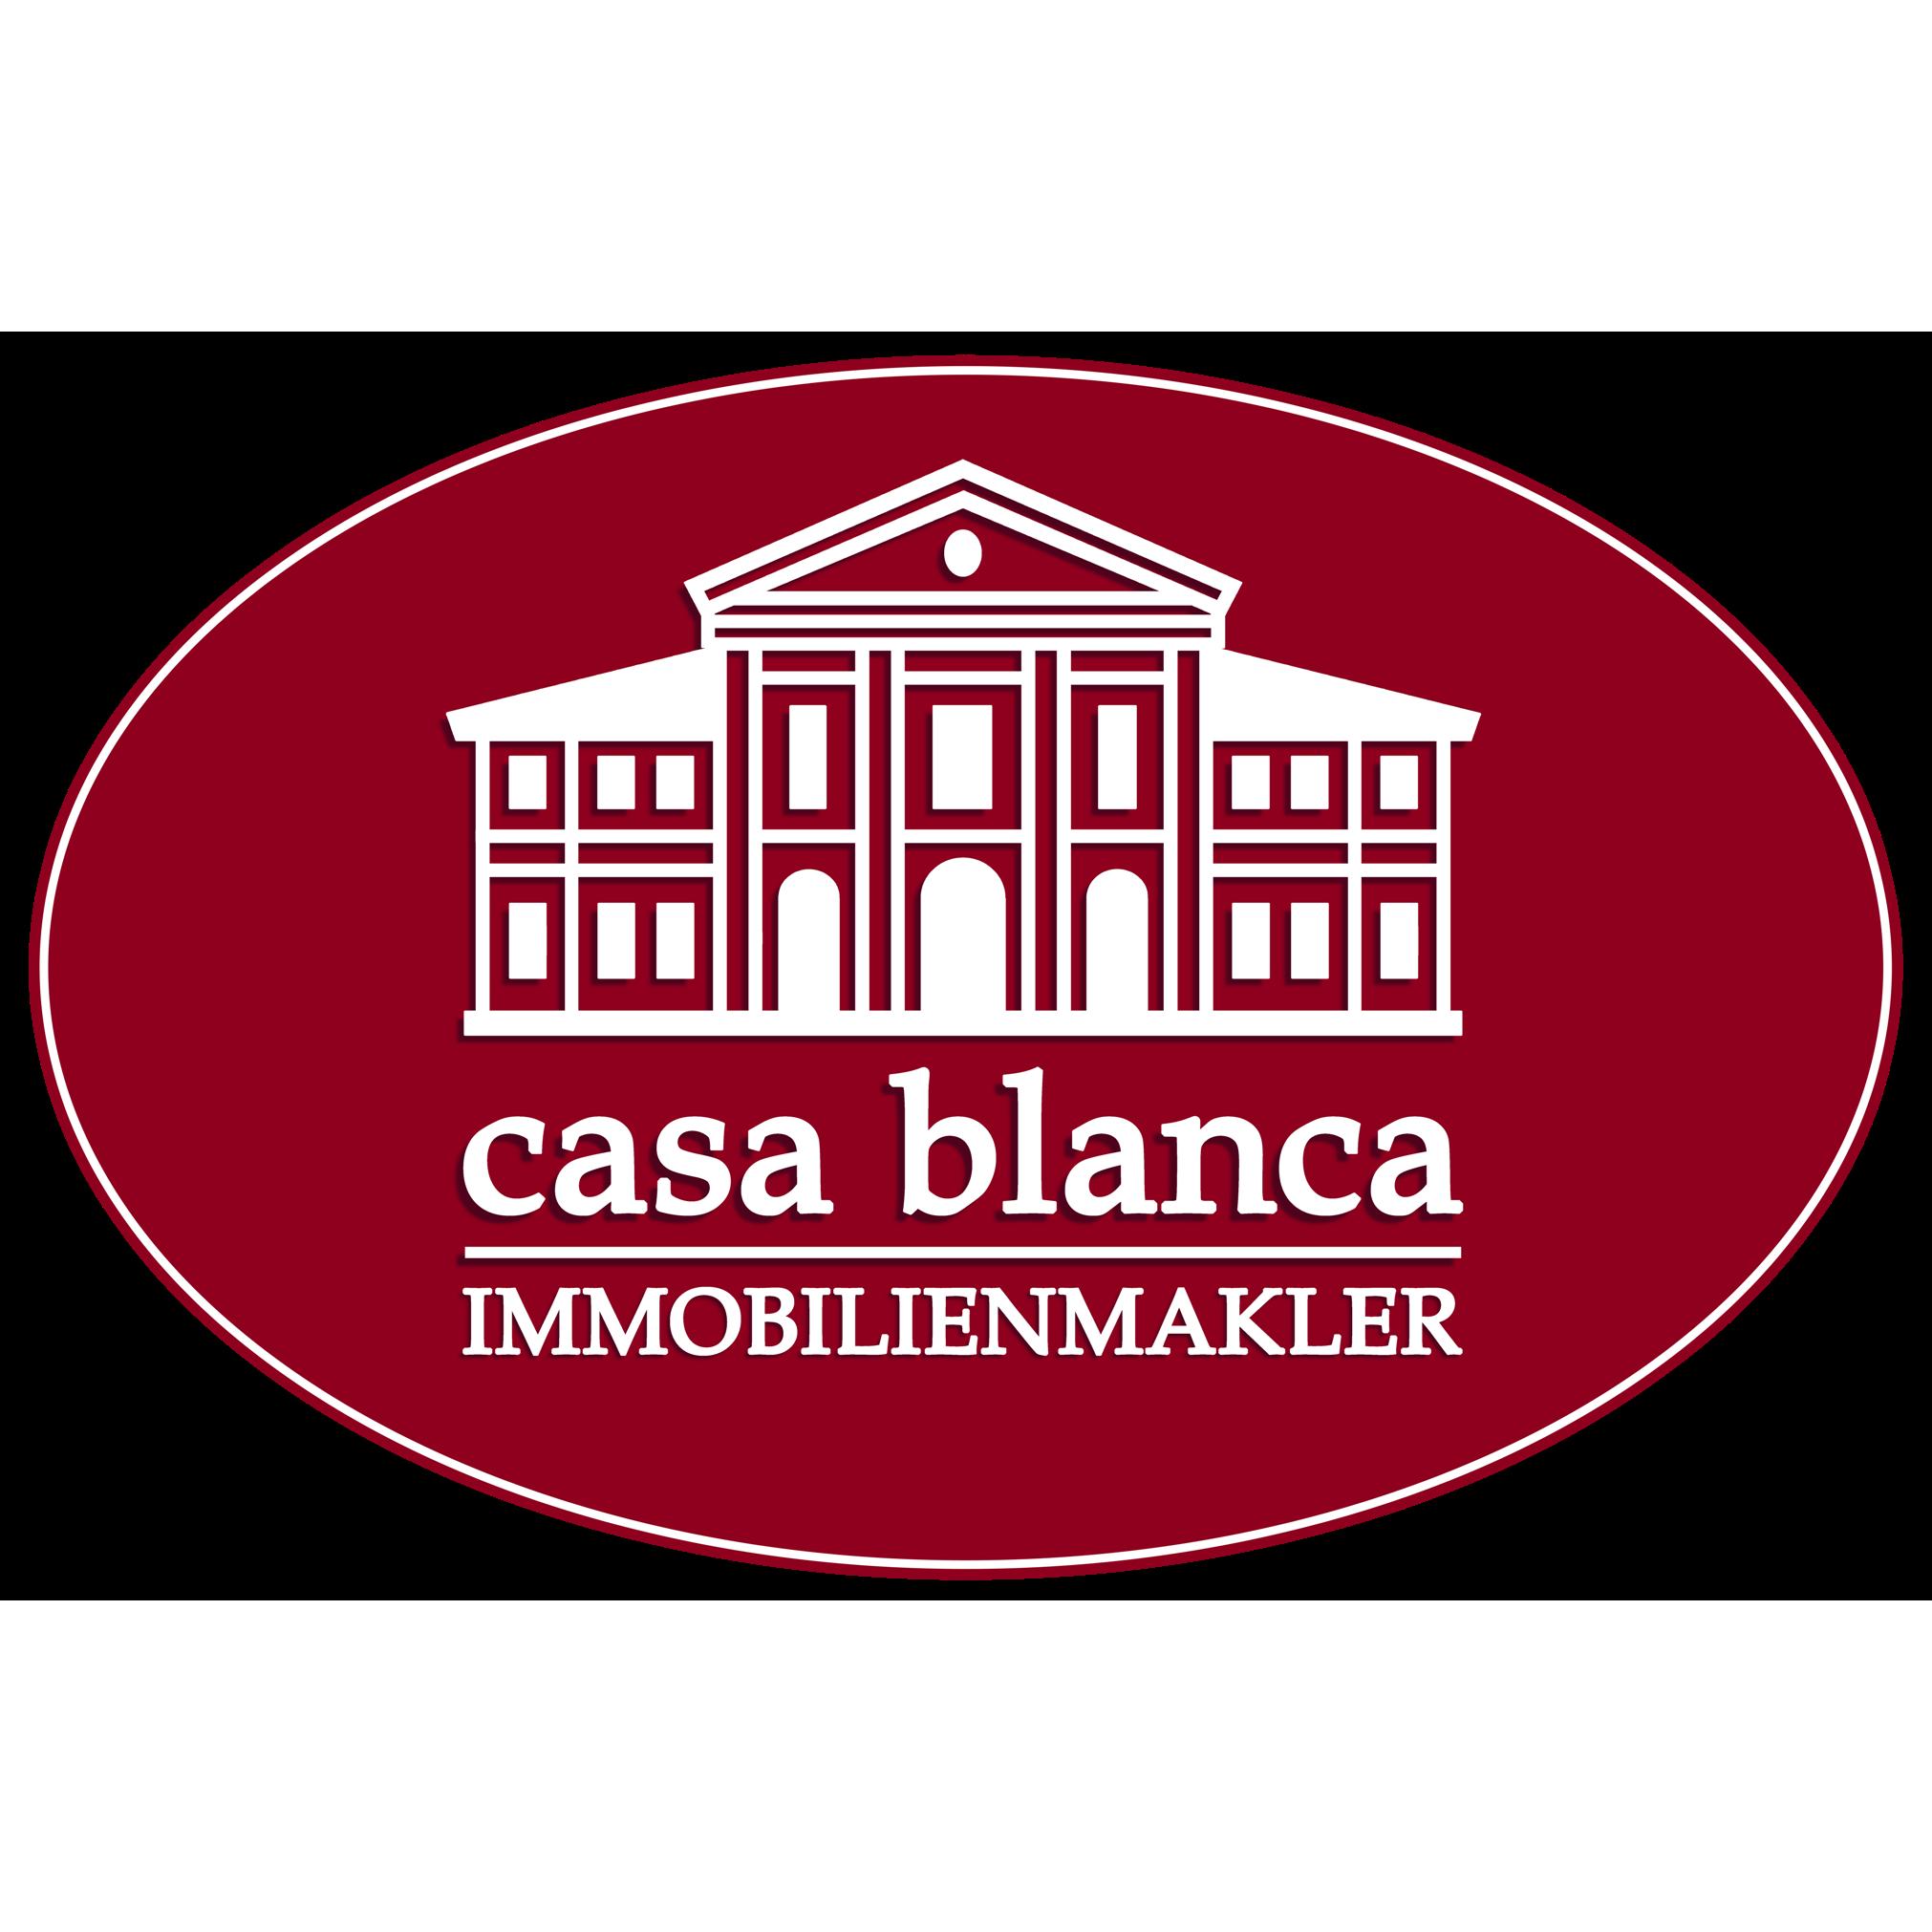 Hier sehen Sie das Logo von casa blanca - Immobilienmakler, Robert Czambor (Inhaber)